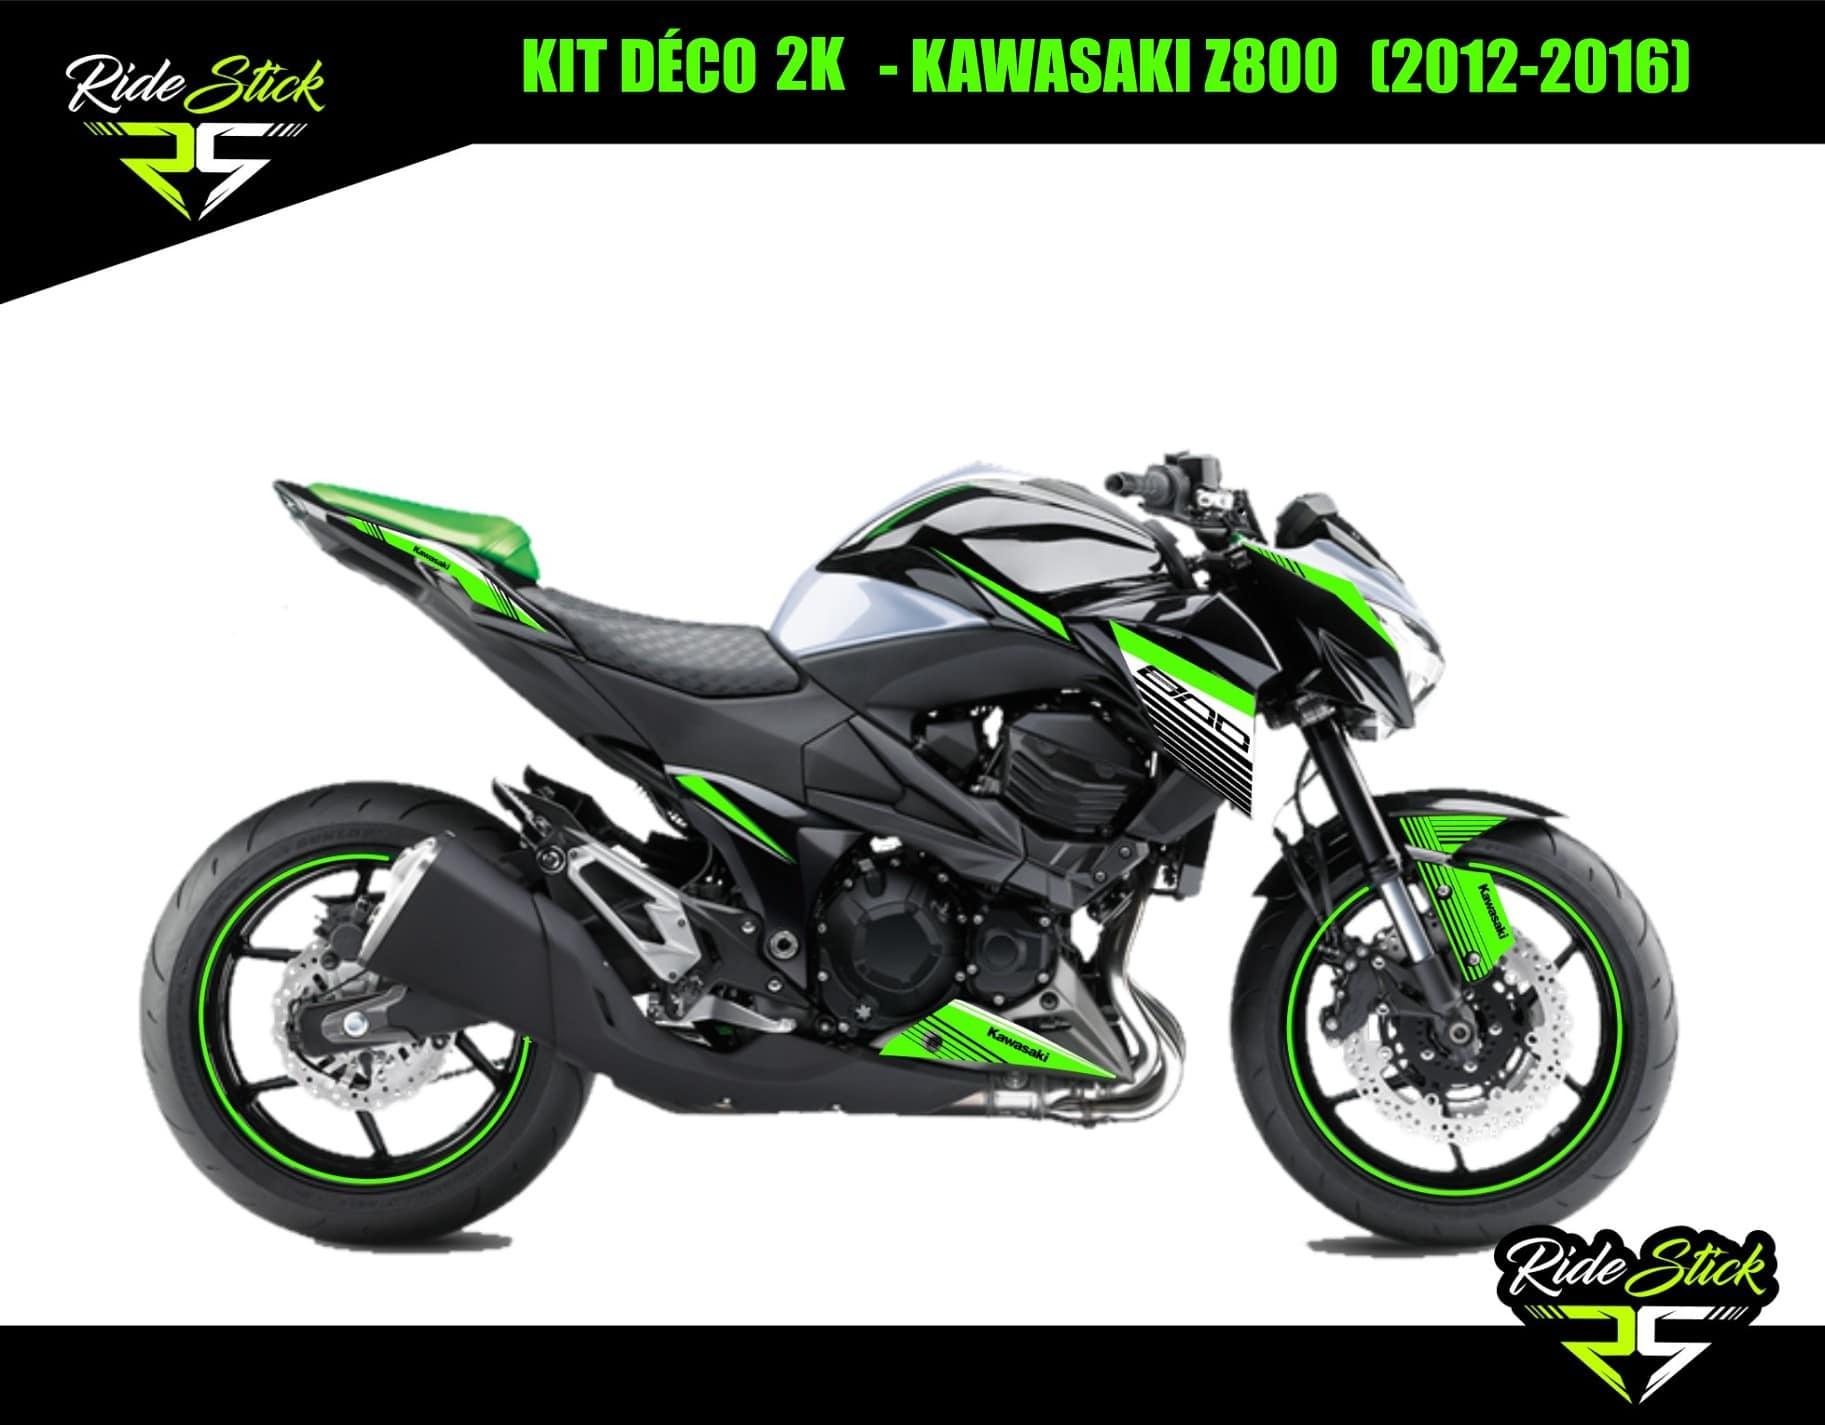 KIT DECO KAWASAKI Z800